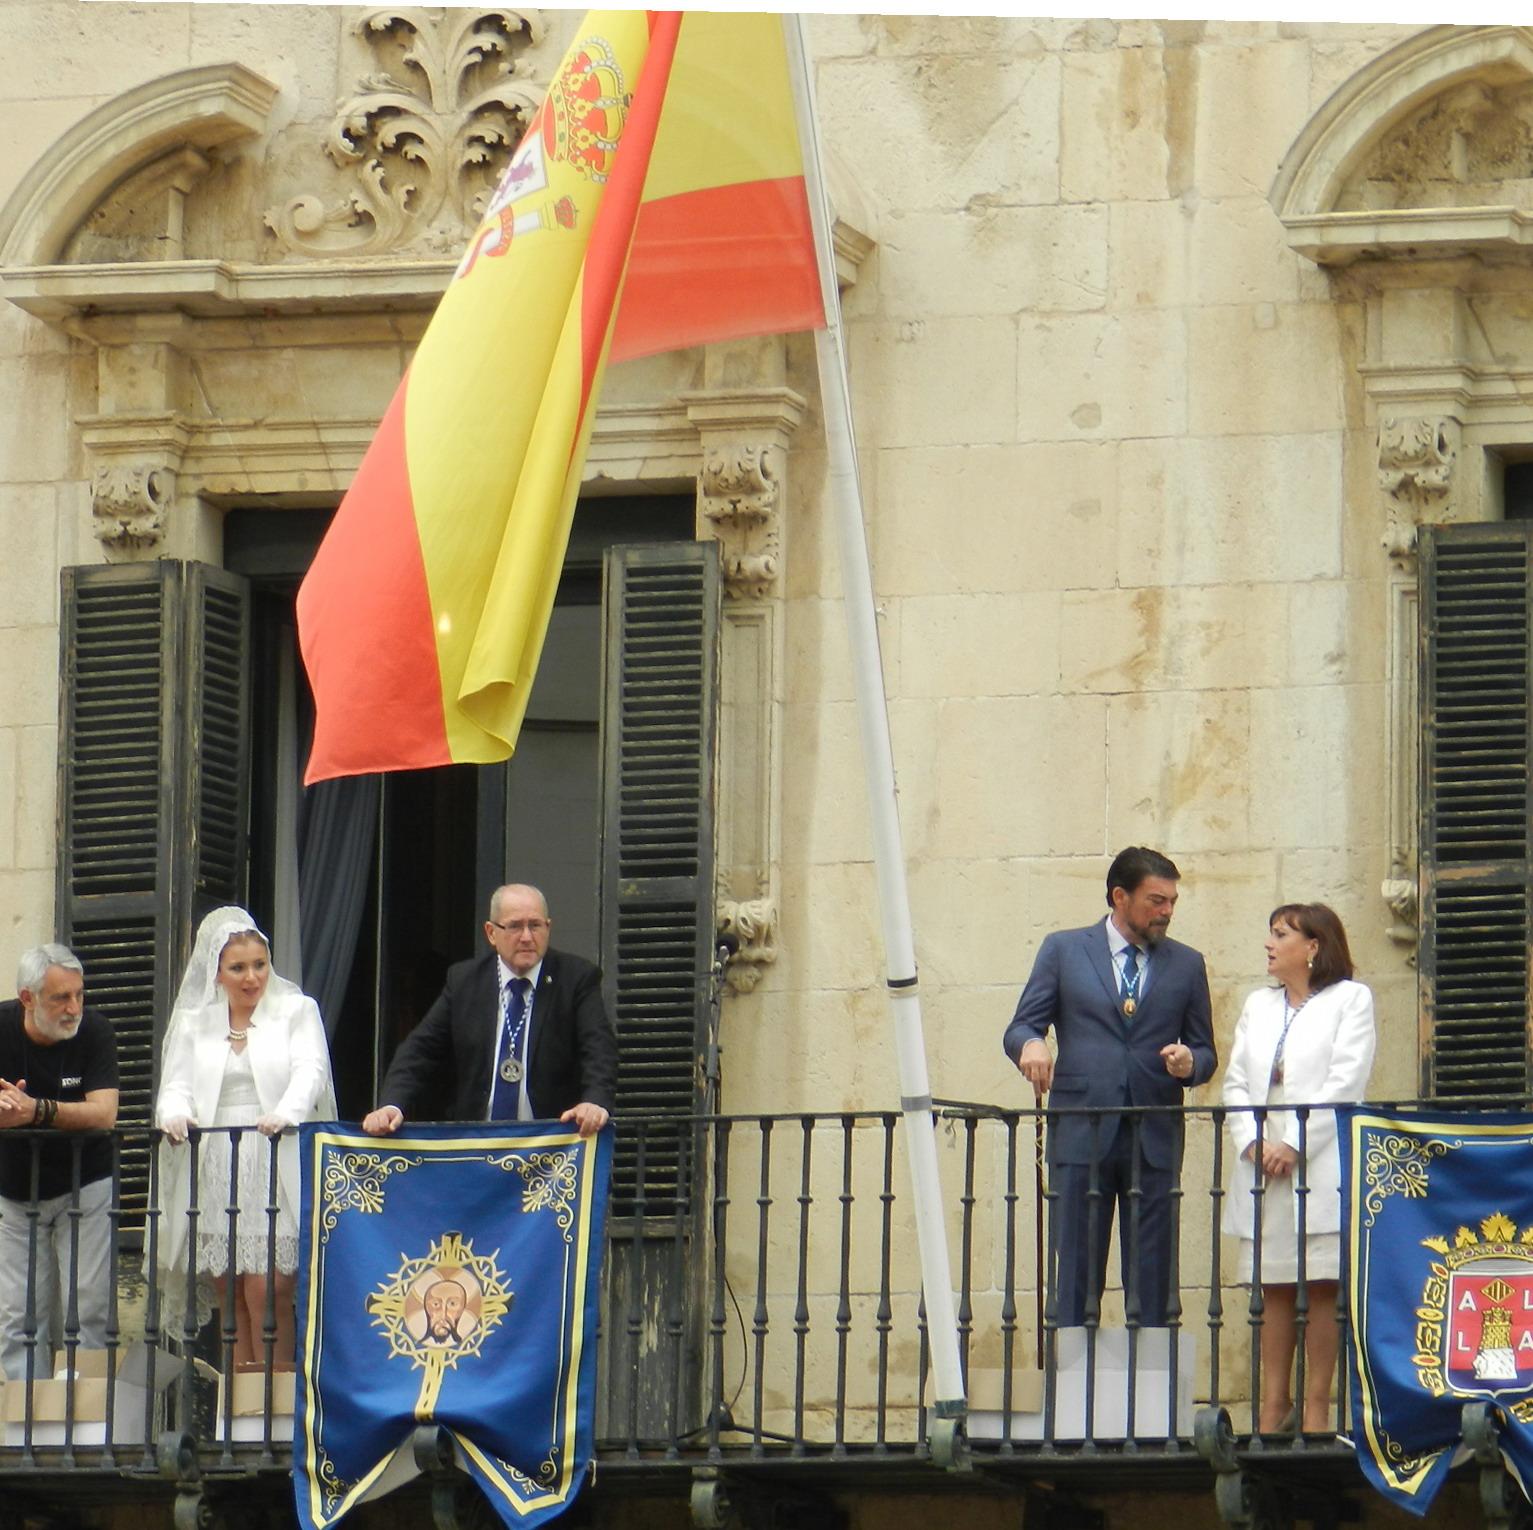 Bandera de España en el Ayuntamiento de Alicante